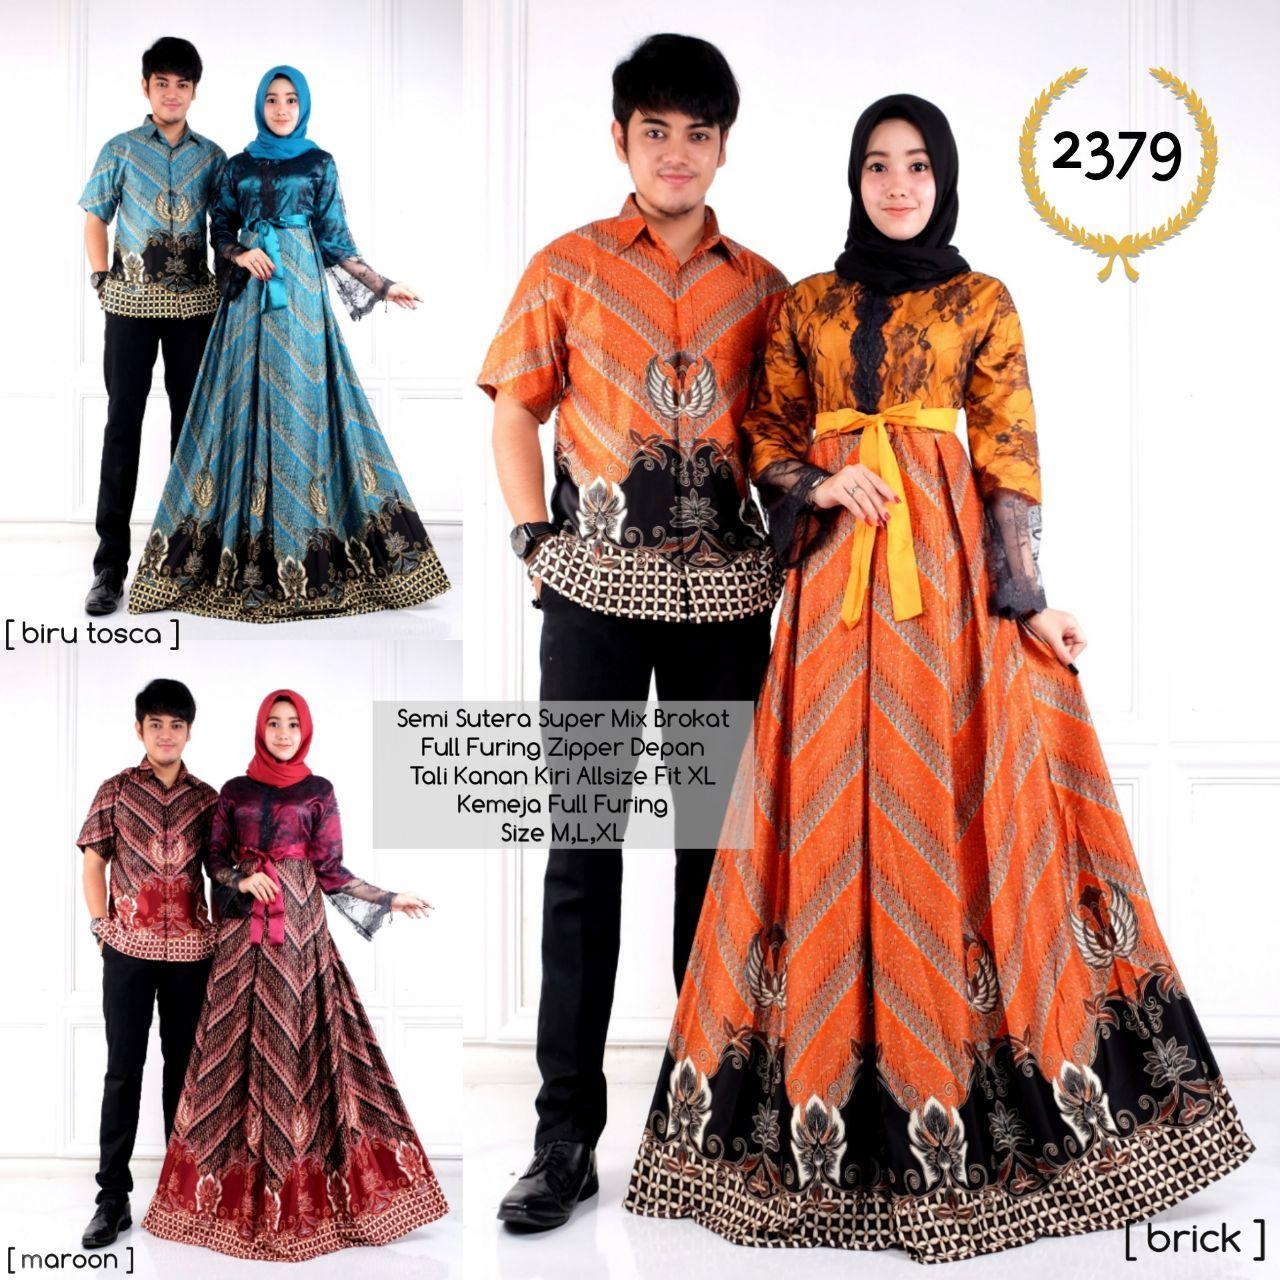 Toko Batik Solo Online Terpercaya Baju Batik Couple Gamis 10